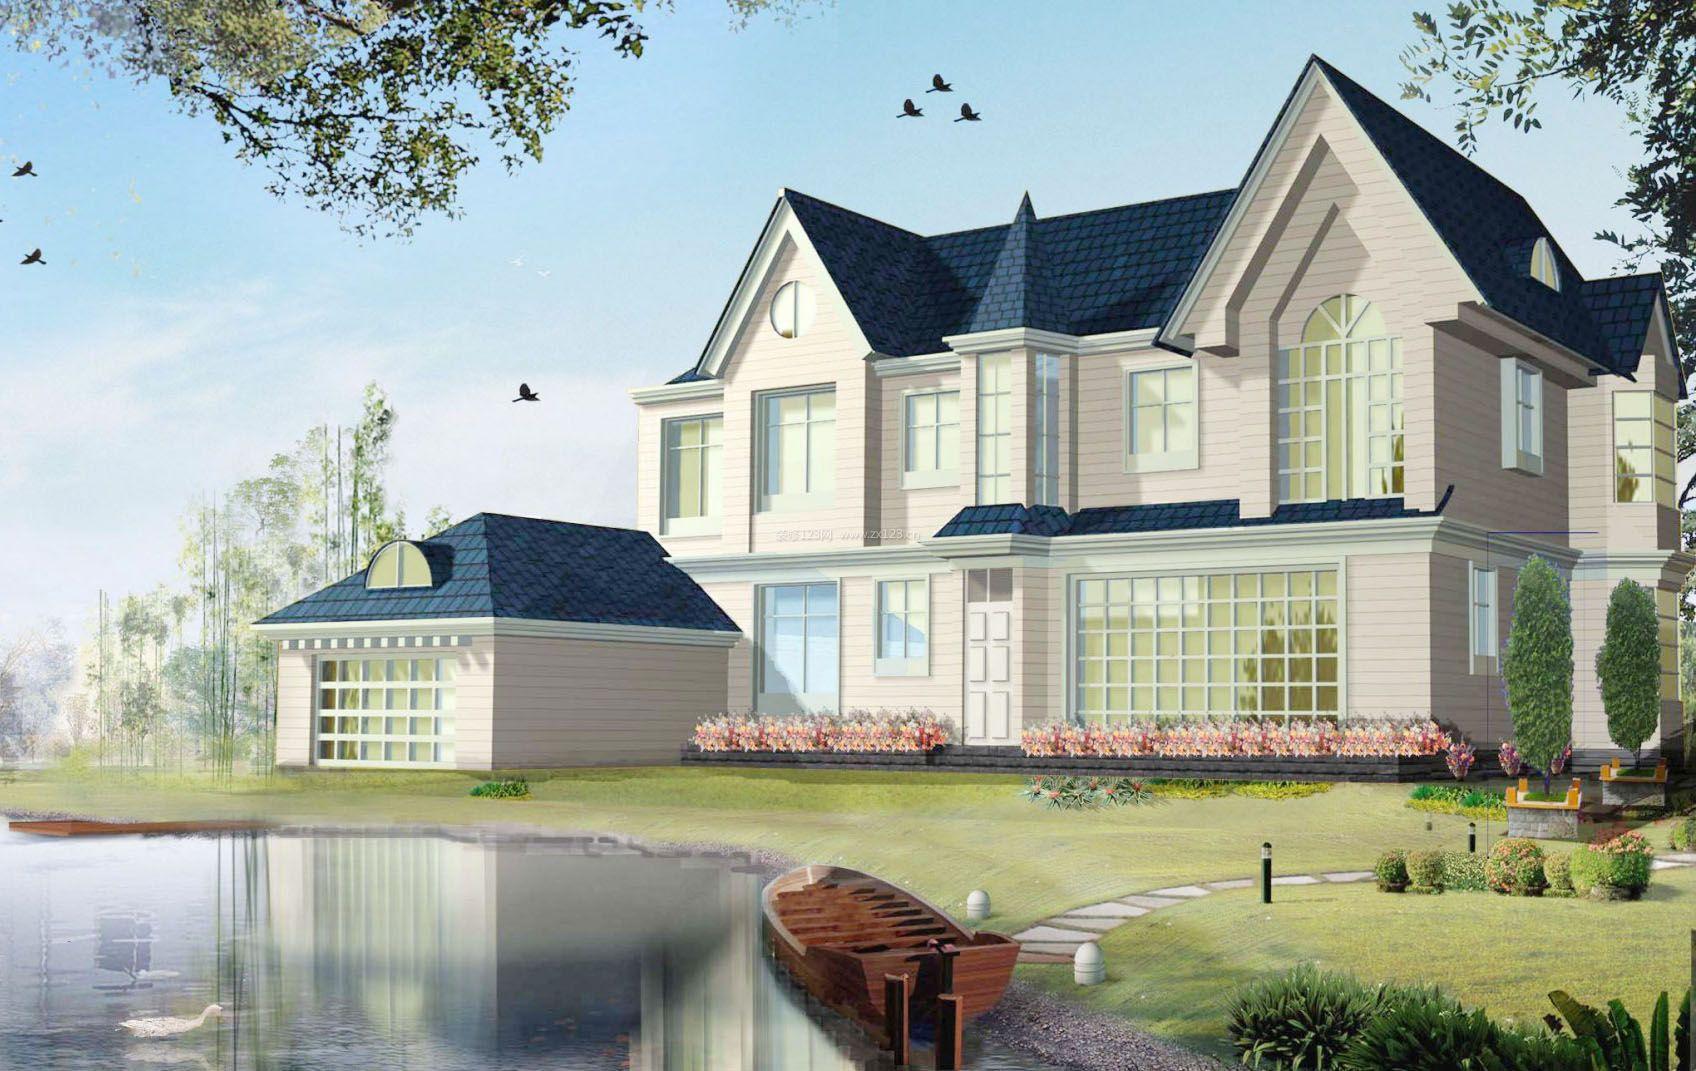 欧式别墅外观效果图纸2015最新款农村房子   房屋别墅设计图相关图片图片